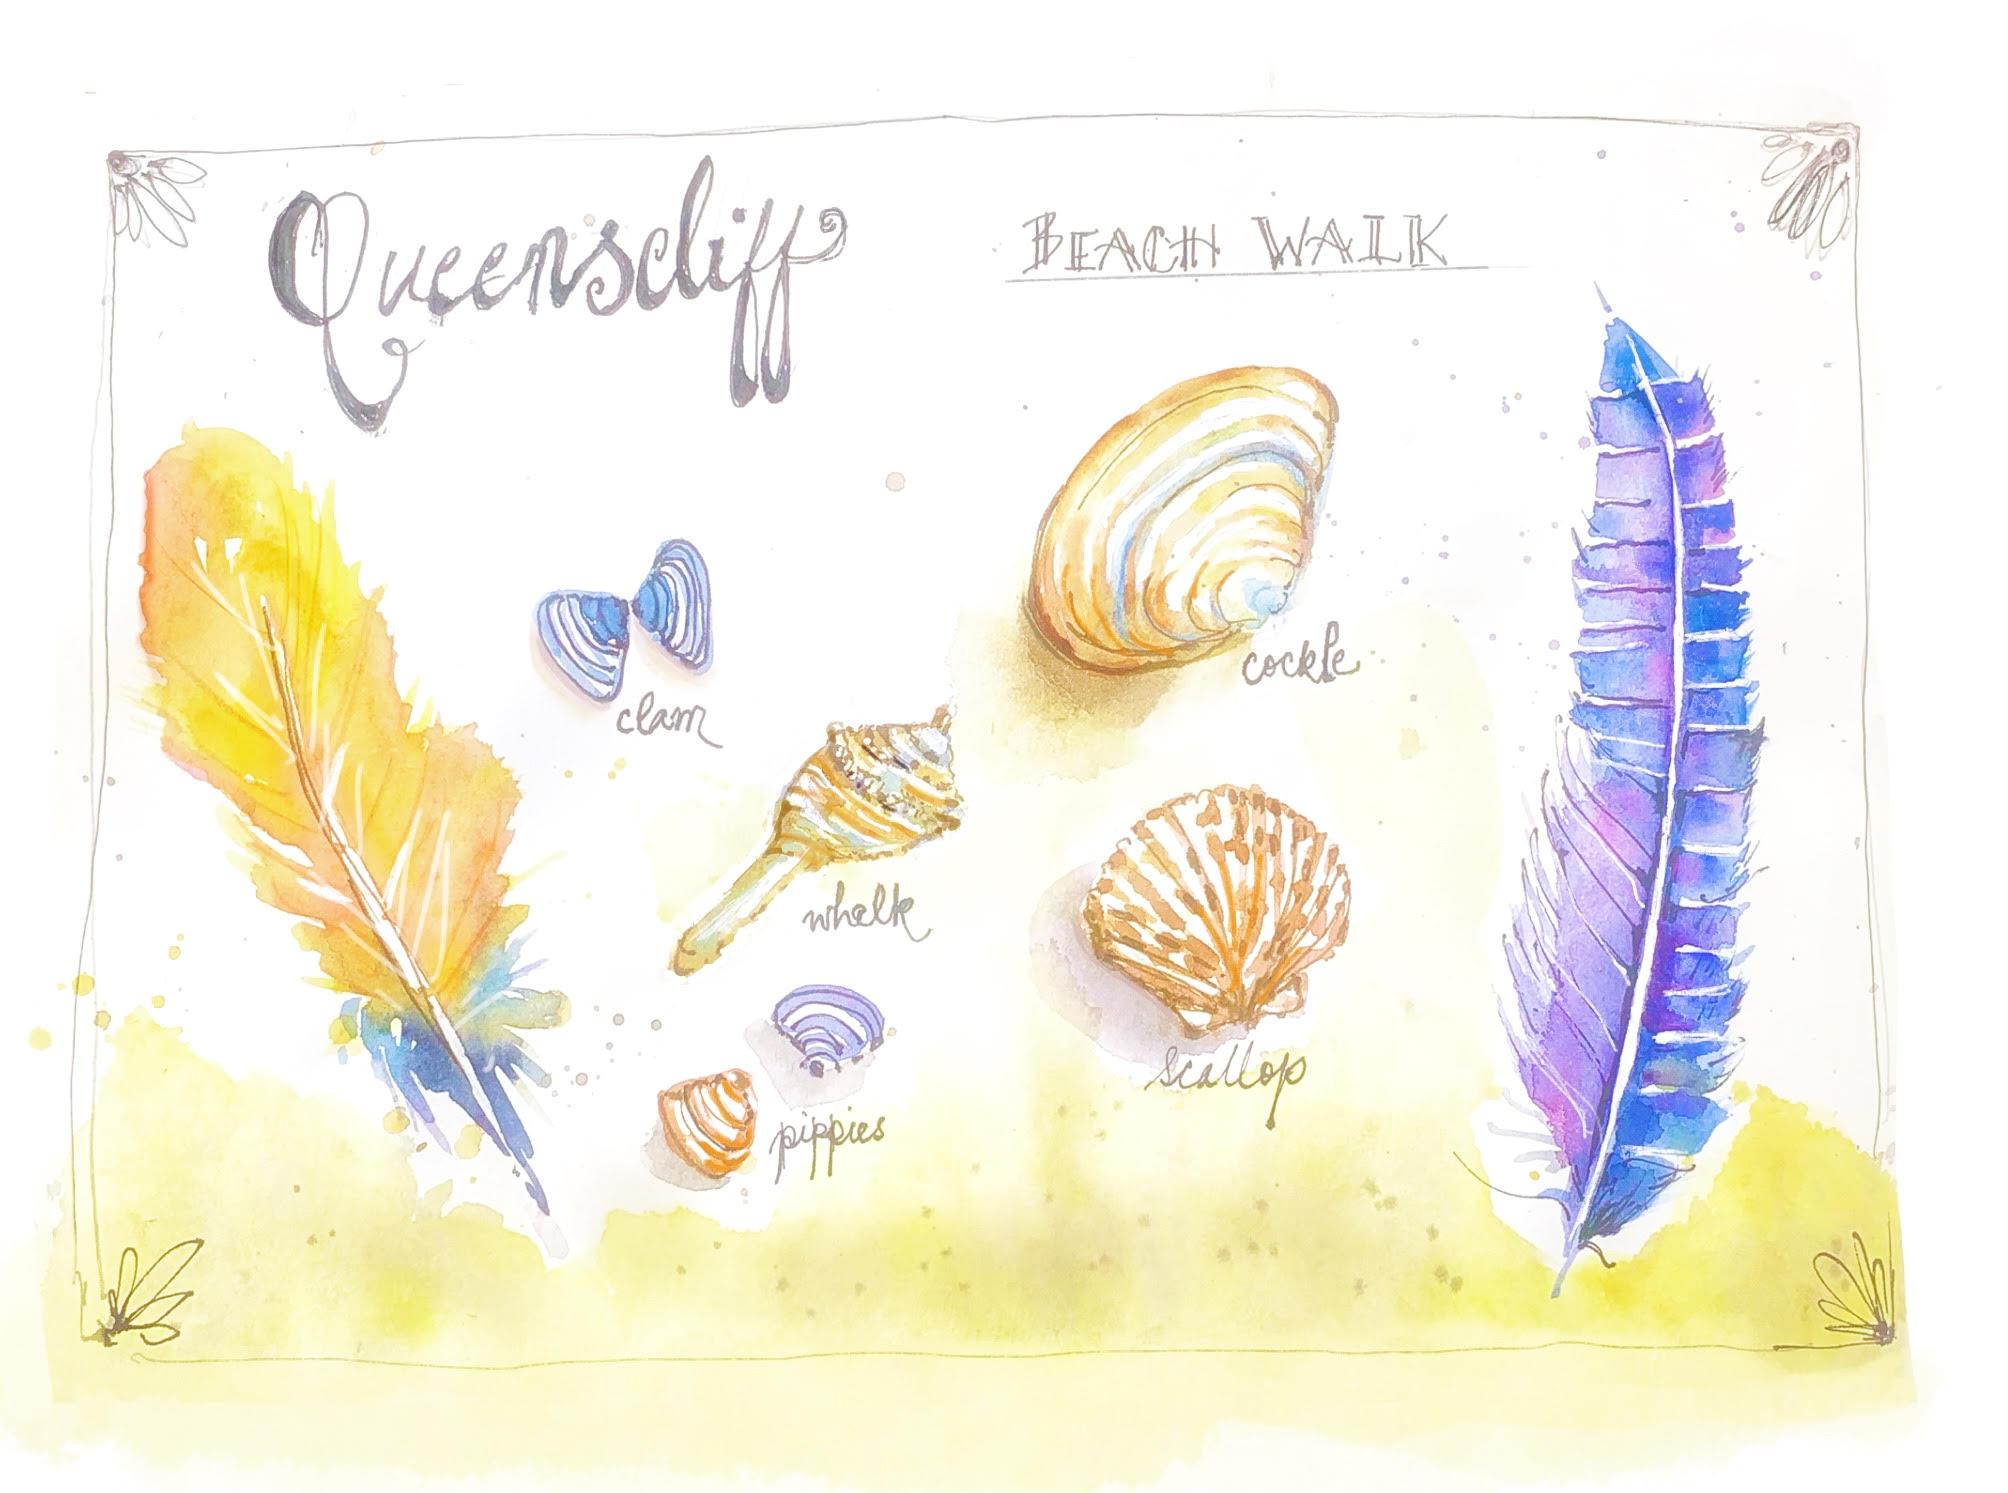 creative travel journal workshop Quuenscliff